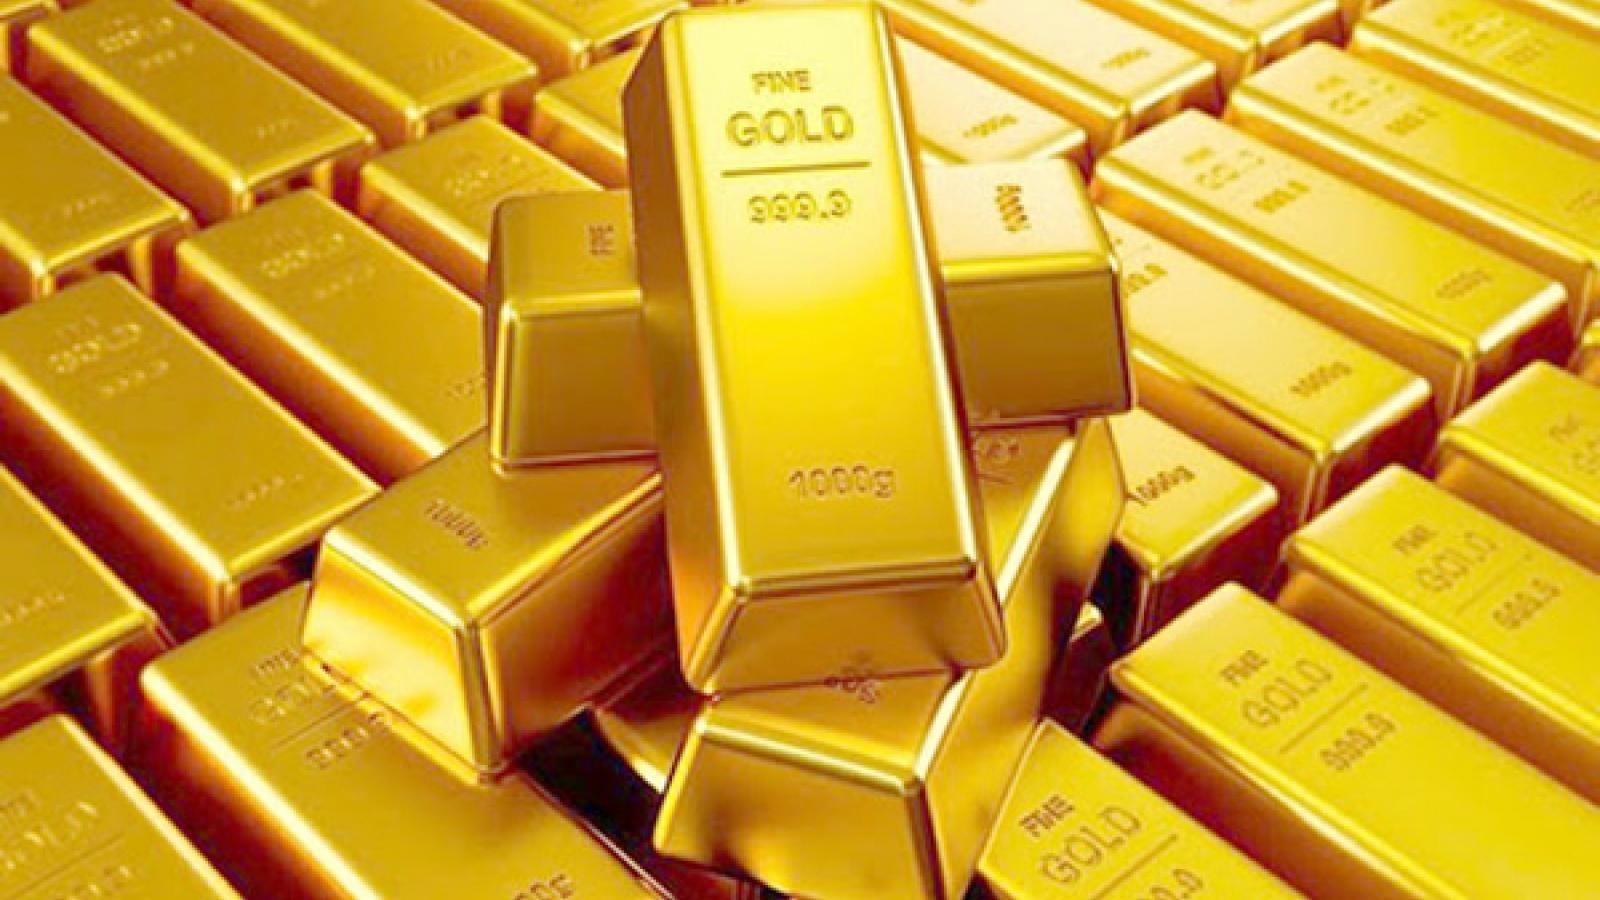 Giá vàng trong nước và thế giới đảo chiều giảm mạnh